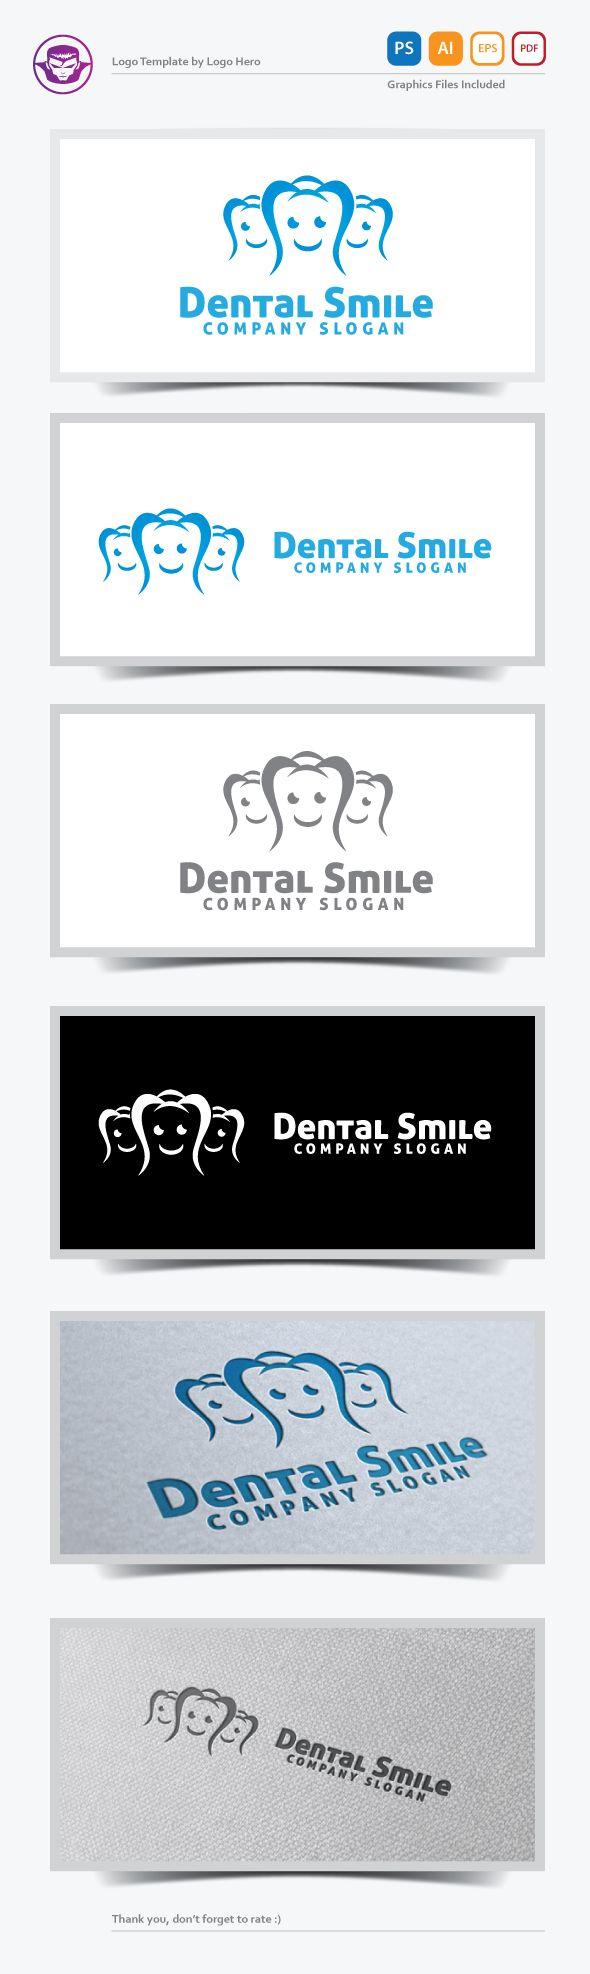 Dental Smile Logo Template - by Logo Hero - on Behance.net